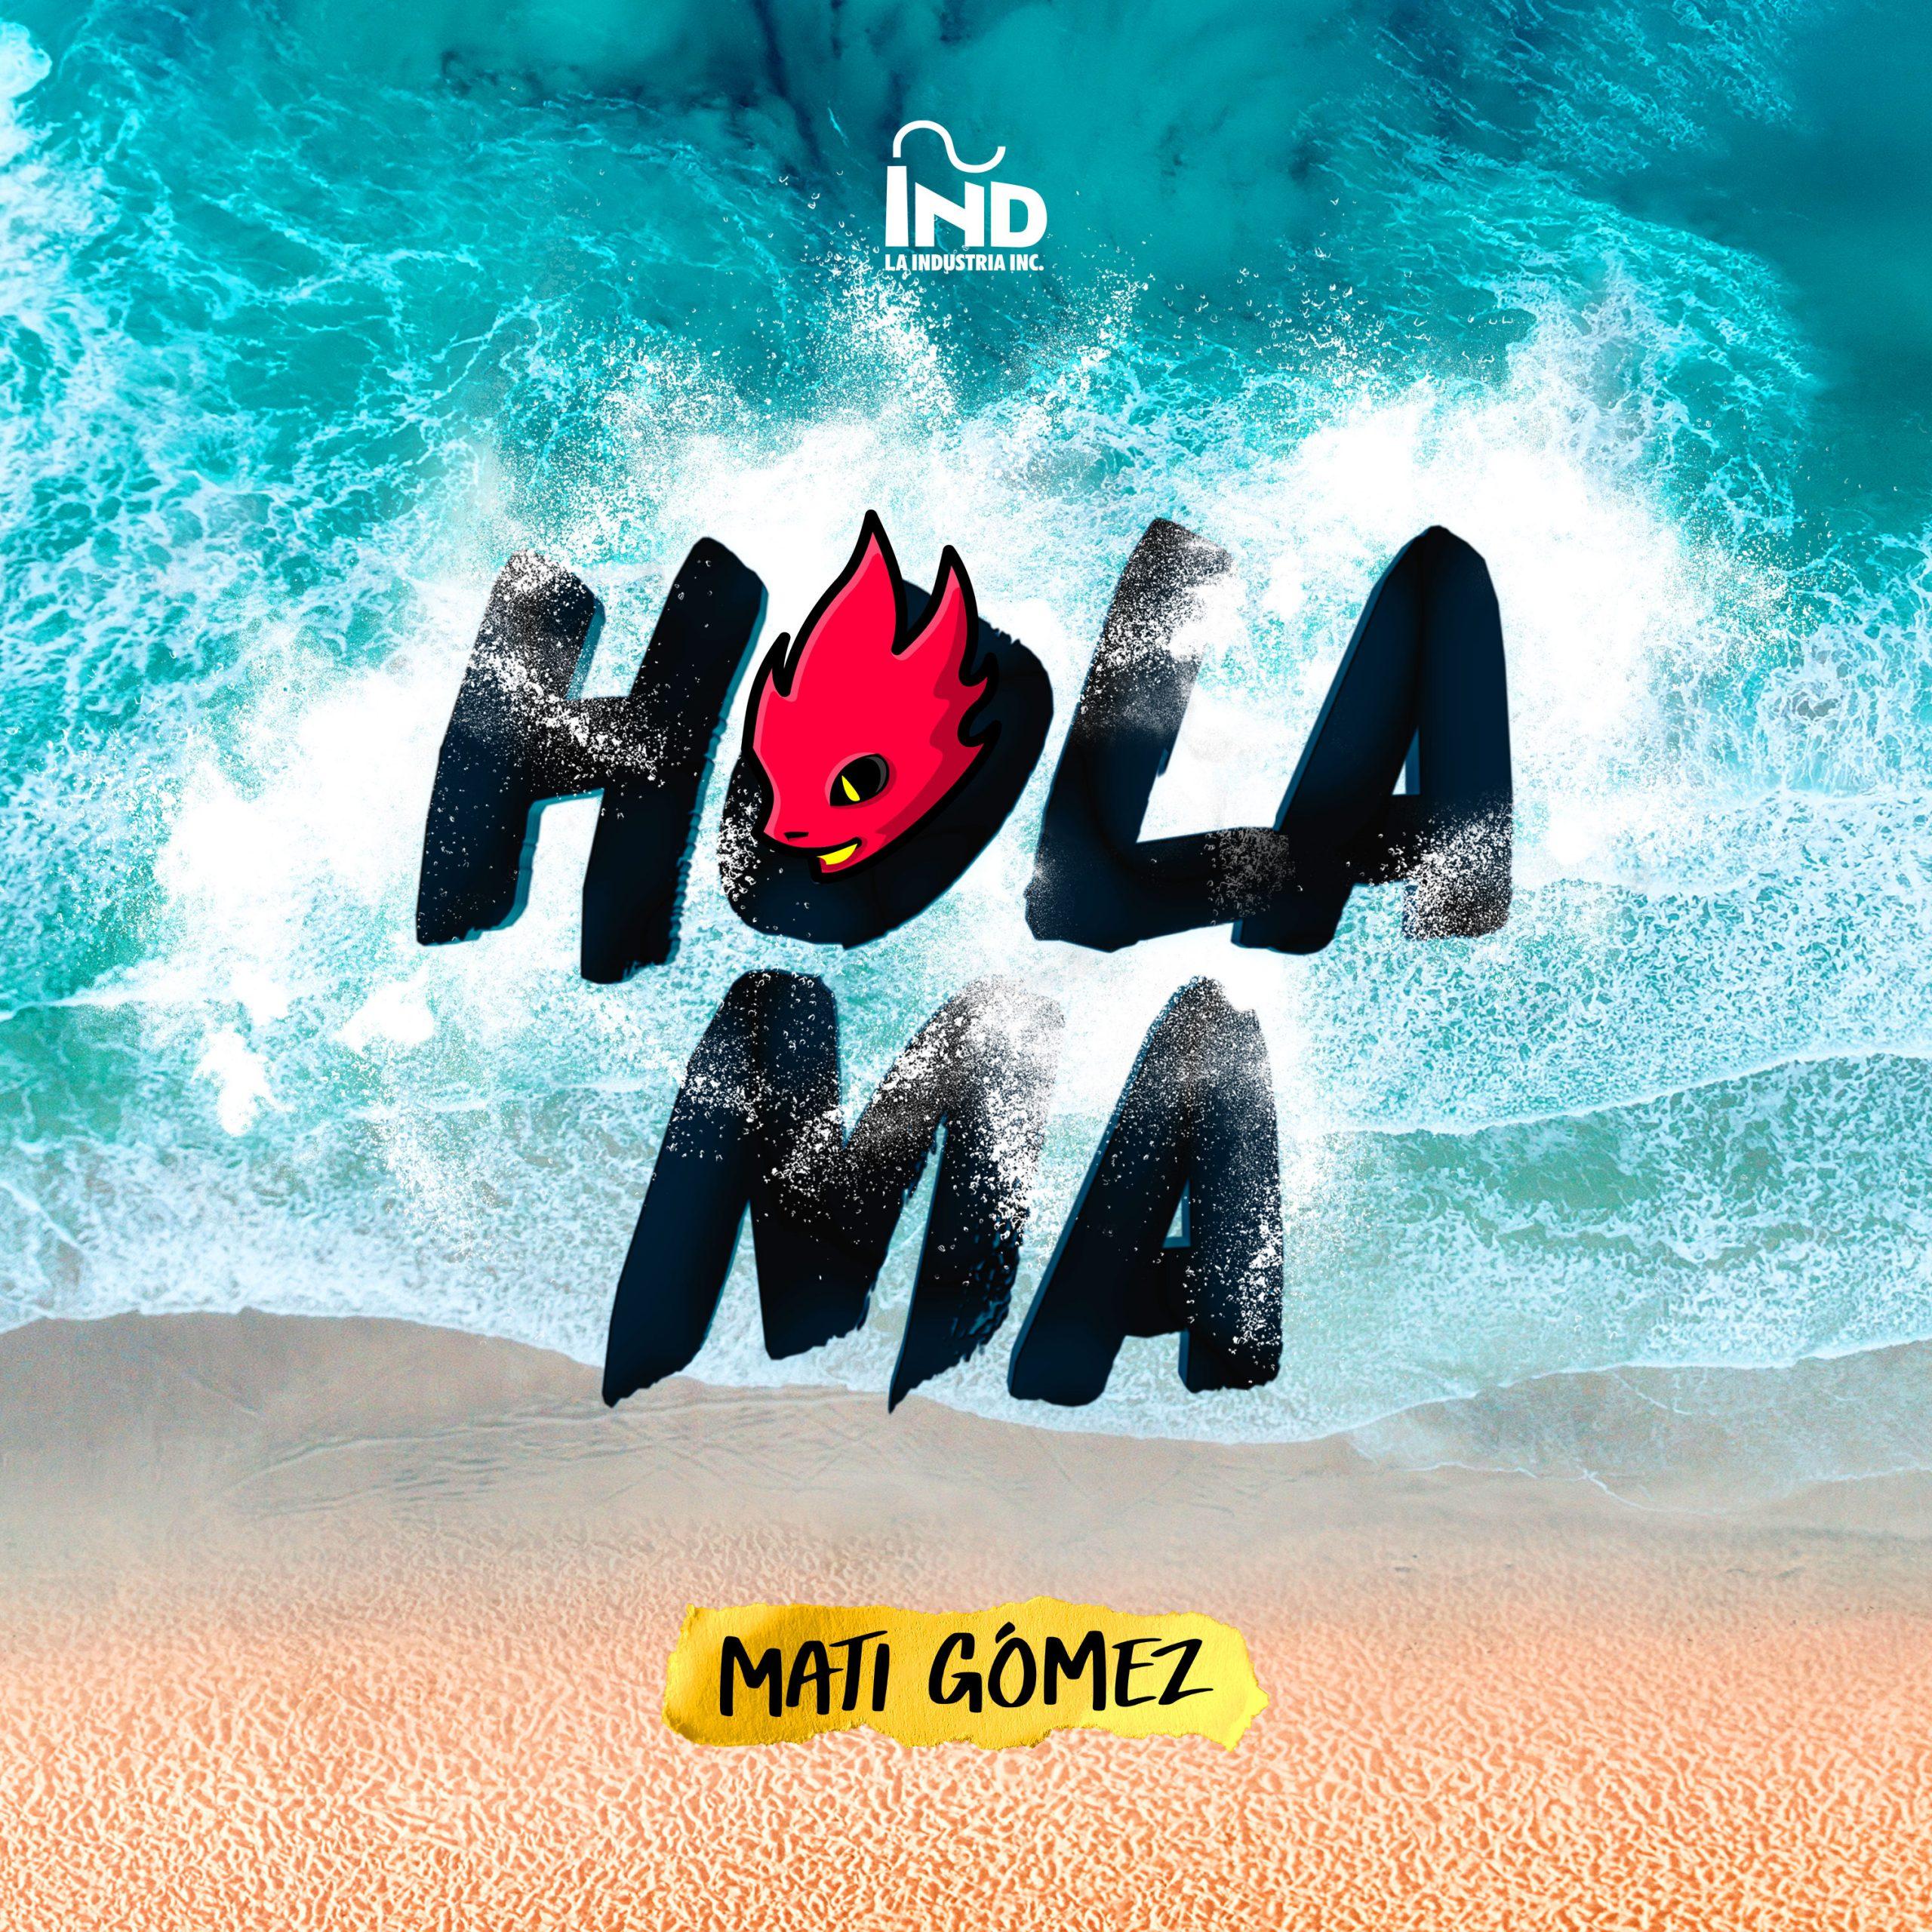 Cover-Hola-Ma-MatiGomez